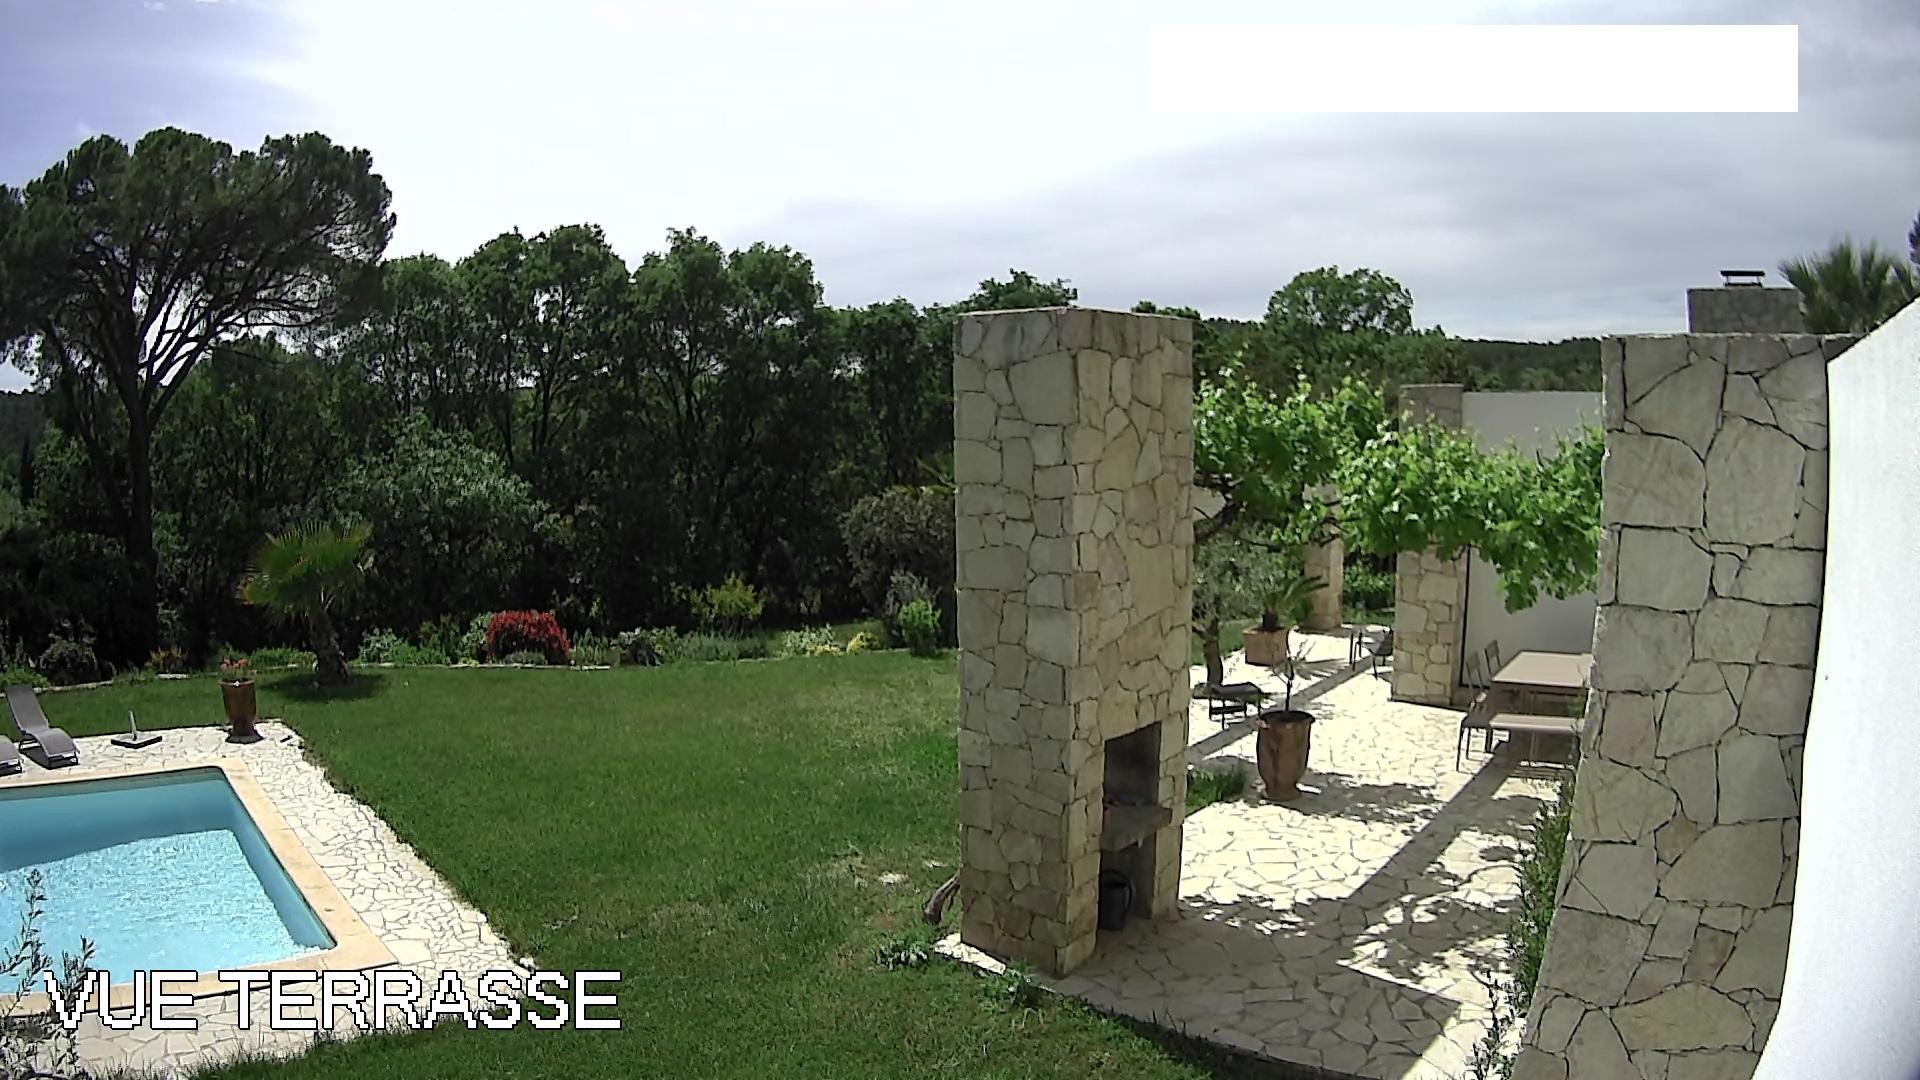 Jucelec vue terrasse jucelec for Vue terrasse